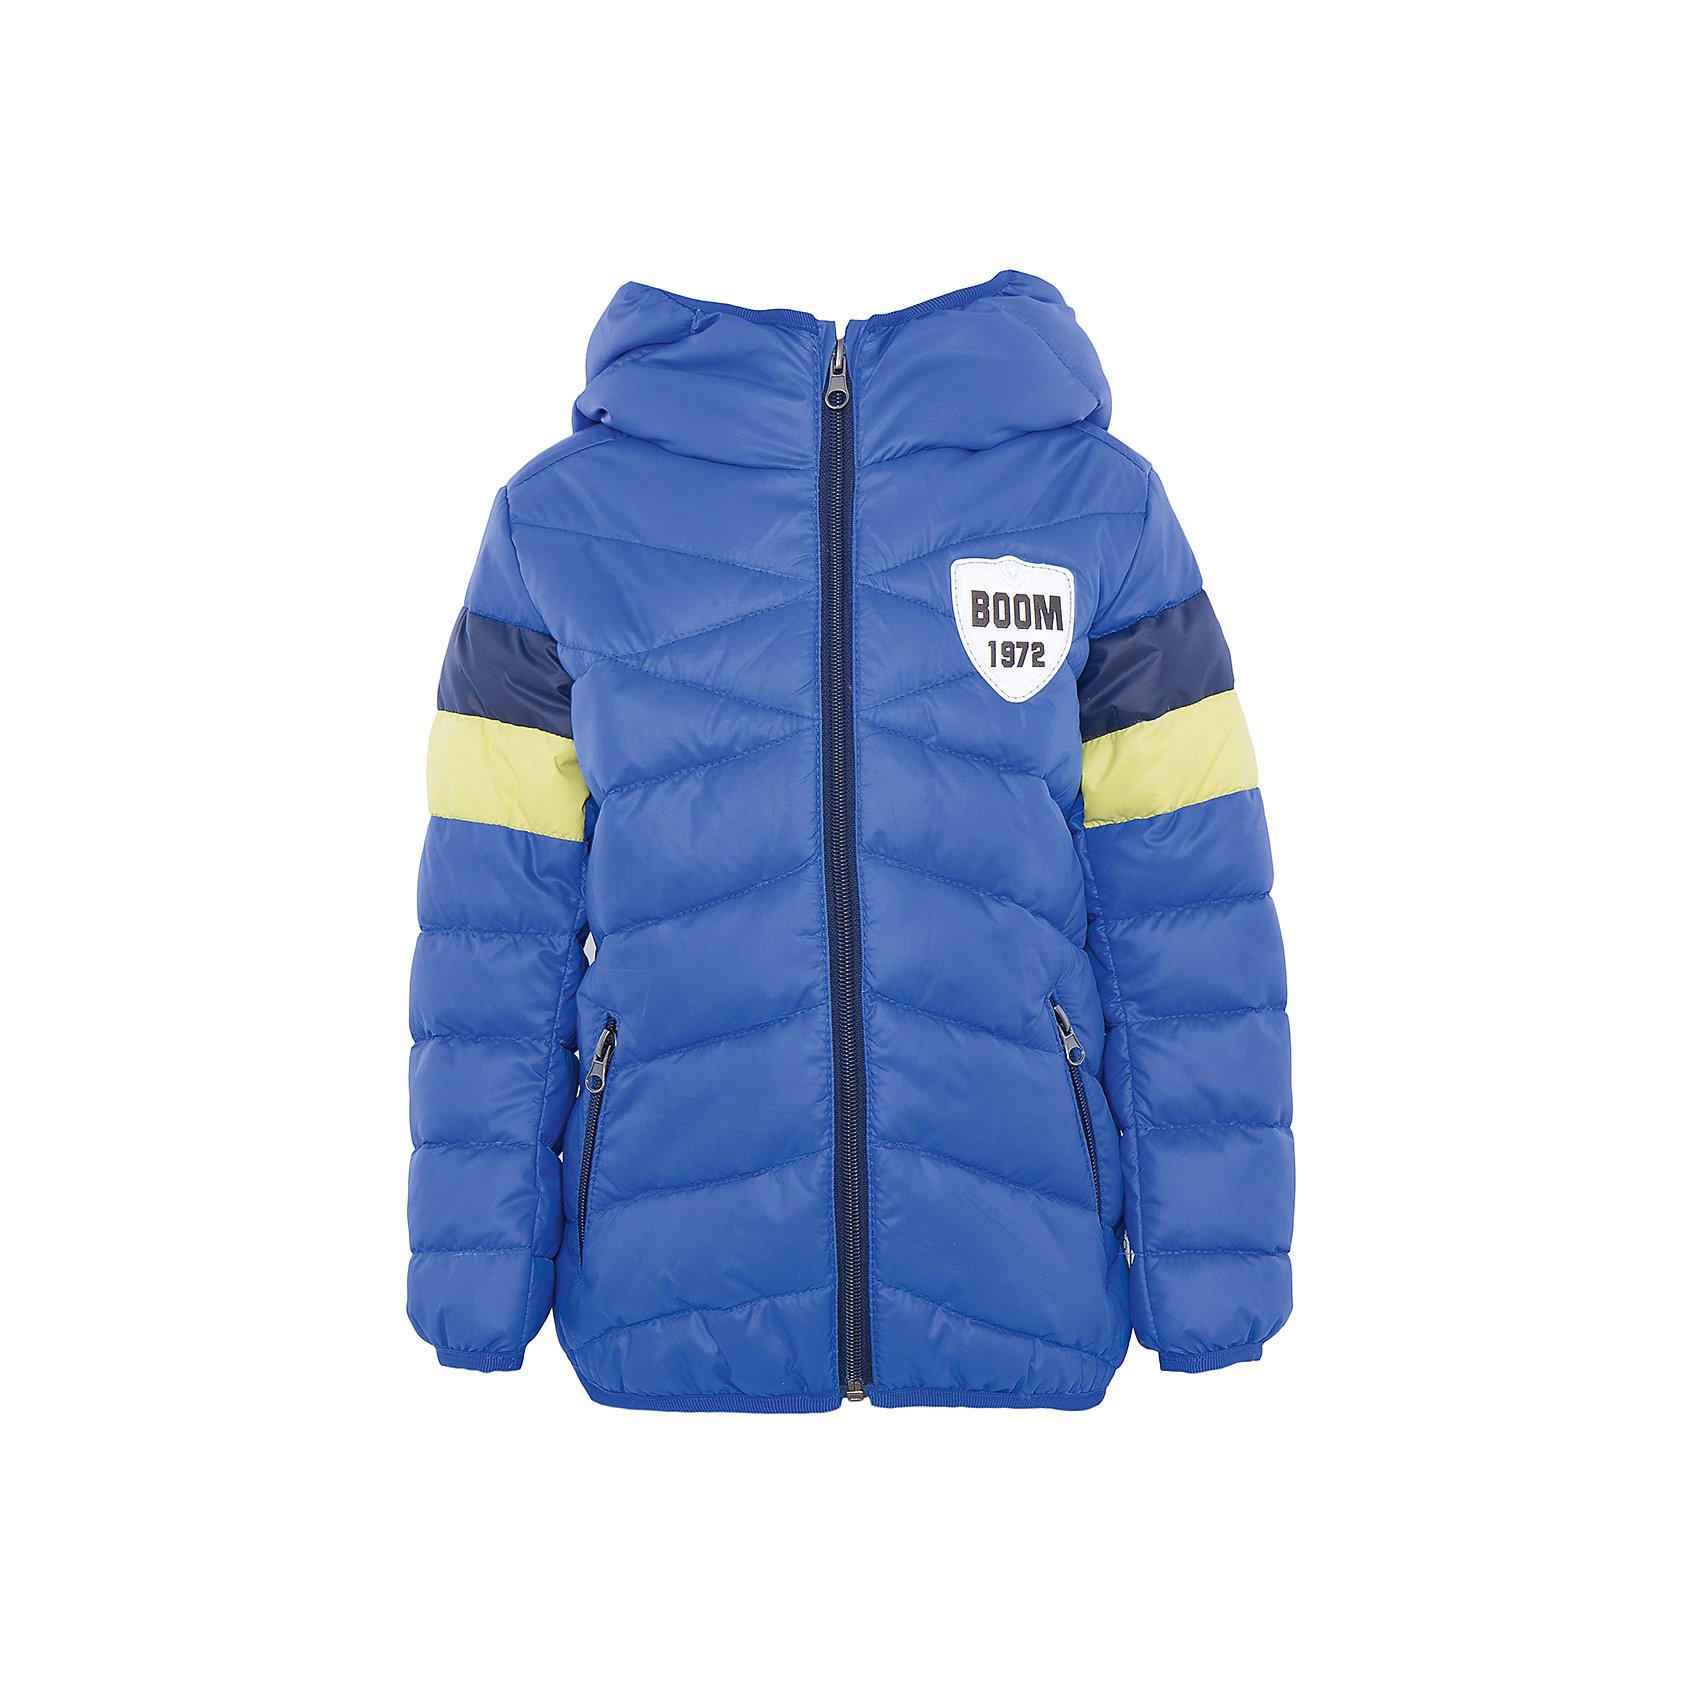 Куртка для мальчика BOOM by OrbyХарактеристики товара:<br><br>• цвет: синий<br>• состав: верх - болонь, подкладка - полиэстер, утеплитель: эко-синтепон 150 г/м2<br>• карманы<br>• температурный режим: от -5 С° до +10 С° <br>• капюшон не отстёгивается<br>• застежка - молния<br>• стеганая<br>• декорирована нашивкой<br>• комфортная посадка<br>• страна производства: Российская Федерация<br>• страна бренда: Российская Федерация<br>• коллекция: весна-лето 2017<br><br>Такая куртка - отличный вариант для походов в школу в межсезонье с его постоянно меняющейся погодой. Эта модель - модная и удобная одновременно! Изделие отличается стильным элегантным дизайном. Куртка хорошо сидит по фигуре, отлично сочетается с различным низом. Вещь была разработана специально для детей.<br><br>Одежда от российского бренда BOOM by Orby уже завоевала популярностью у многих детей и их родителей. Вещи, выпускаемые компанией, качественные, продуманные и очень удобные. Для производства коллекций используются только безопасные для детей материалы. Спешите приобрести модели из новой коллекции Весна-лето 2017! <br><br>Куртку для мальчика от бренда BOOM by Orby можно купить в нашем интернет-магазине.<br><br>Ширина мм: 356<br>Глубина мм: 10<br>Высота мм: 245<br>Вес г: 519<br>Цвет: синий<br>Возраст от месяцев: 48<br>Возраст до месяцев: 60<br>Пол: Мужской<br>Возраст: Детский<br>Размер: 110,152,158,104,98,116,122,128,134,140,146<br>SKU: 5342700